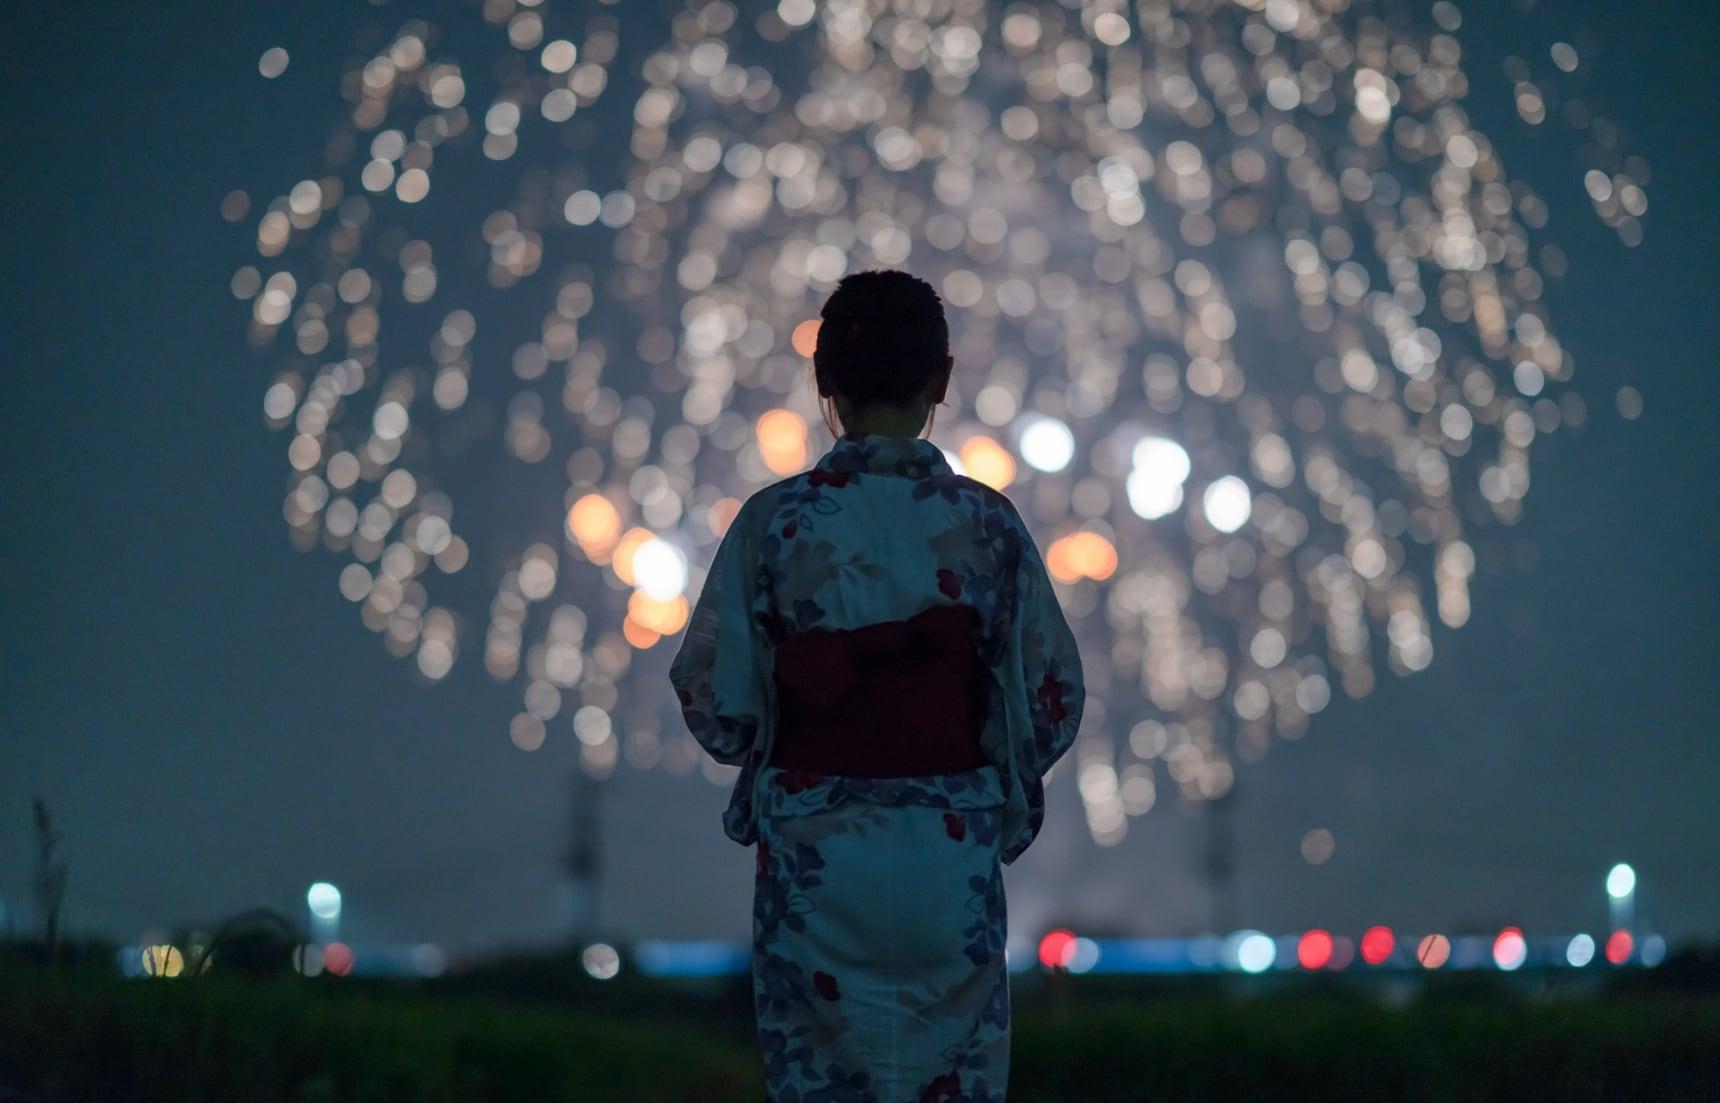 สุดยอดที่เที่ยวแนะนำสำหรับไปญี่ปุ่นเดือน 7-8